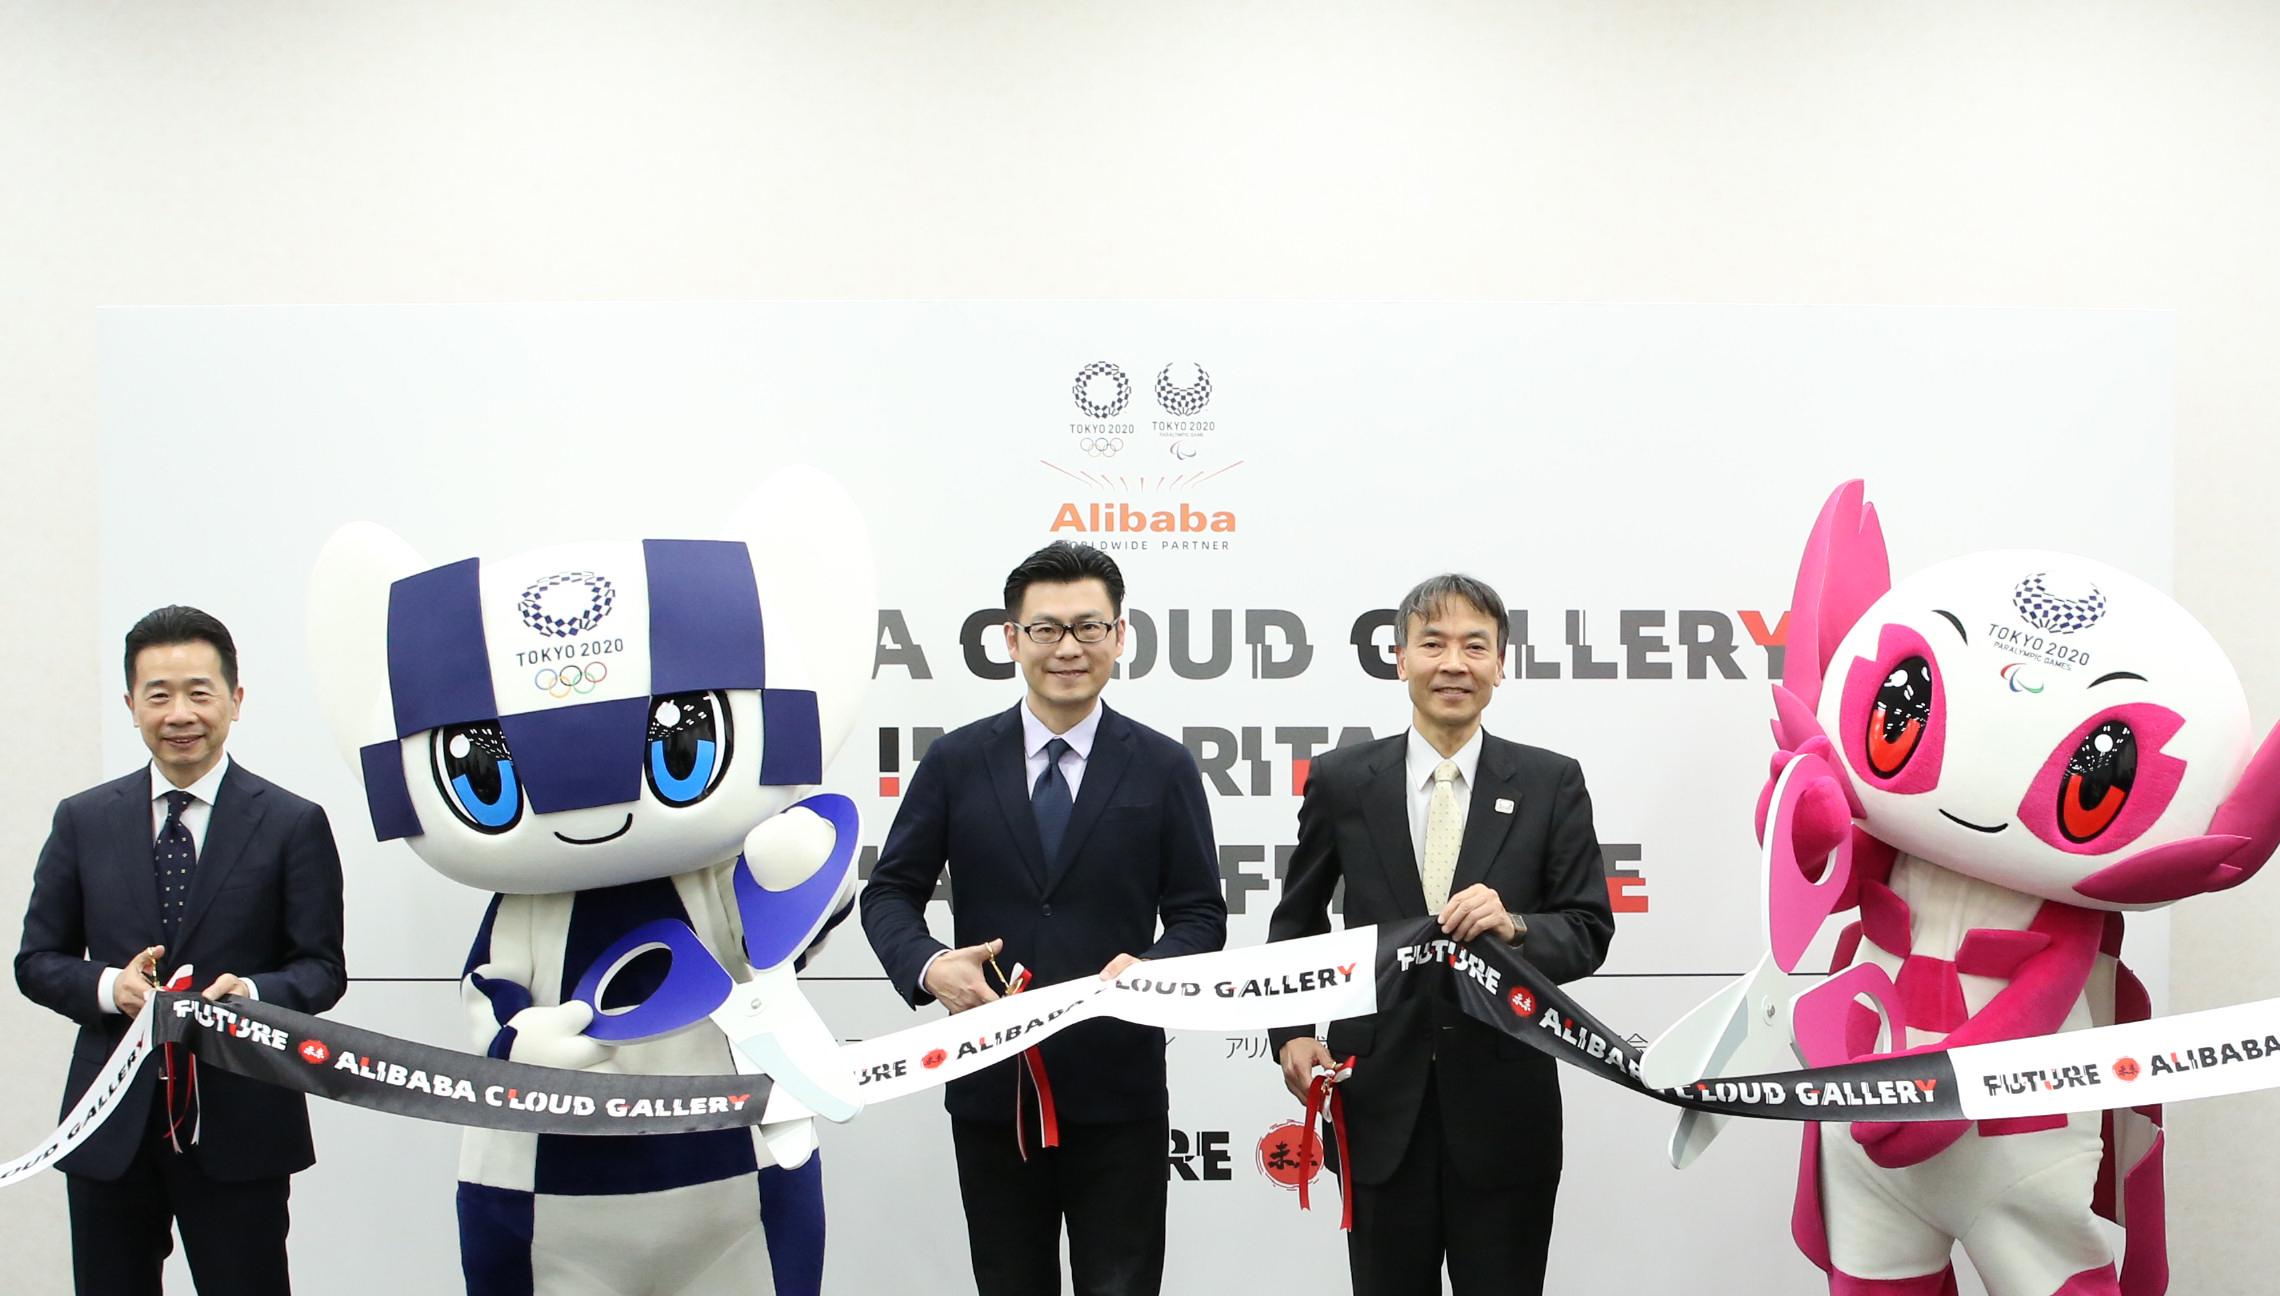 東京2020オリンピック・パラリンピックまでのエクスペリエンス強化のため、成田国際空港との協力によるクリエイティブキャンペーンを発表